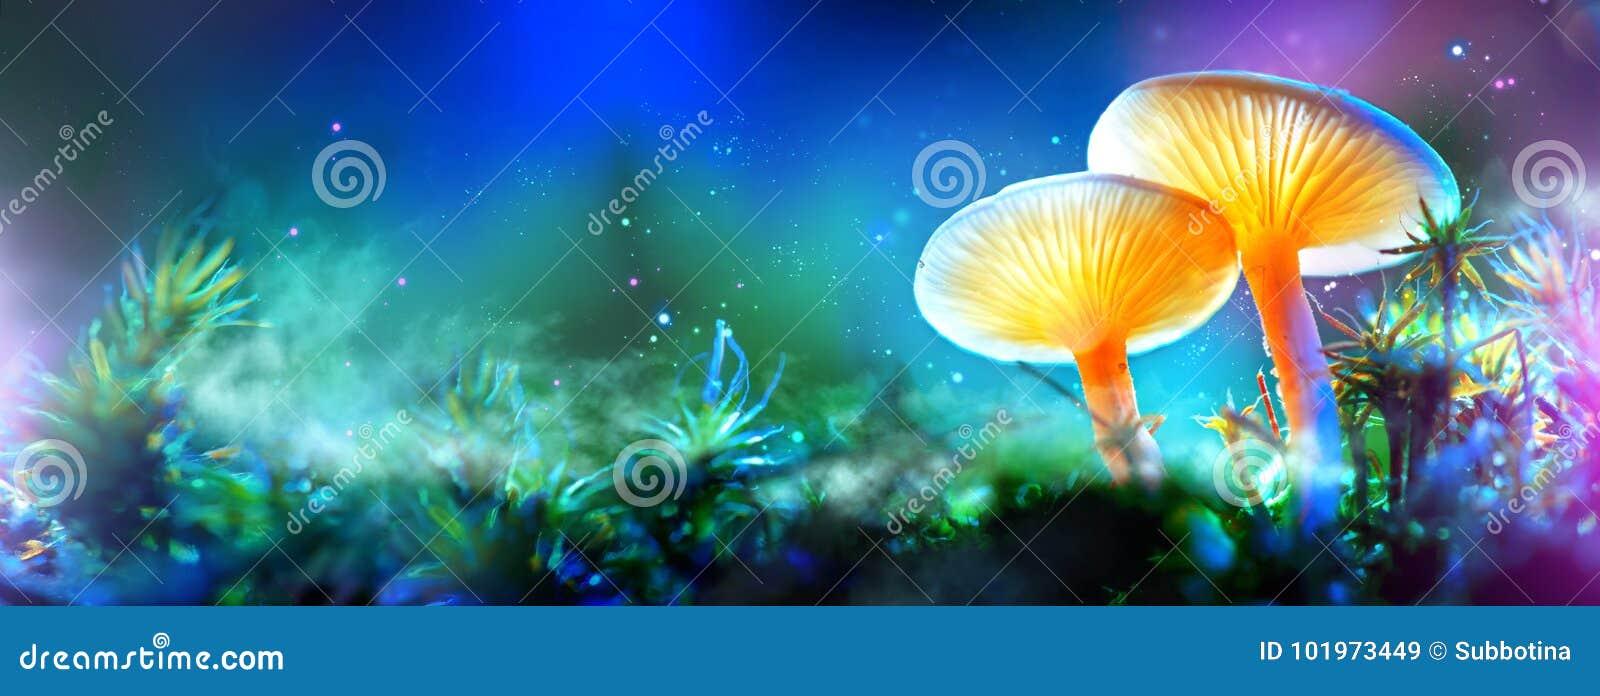 Pilz Glühende Pilze der Fantasie im Geheimnisdunkelheitswald